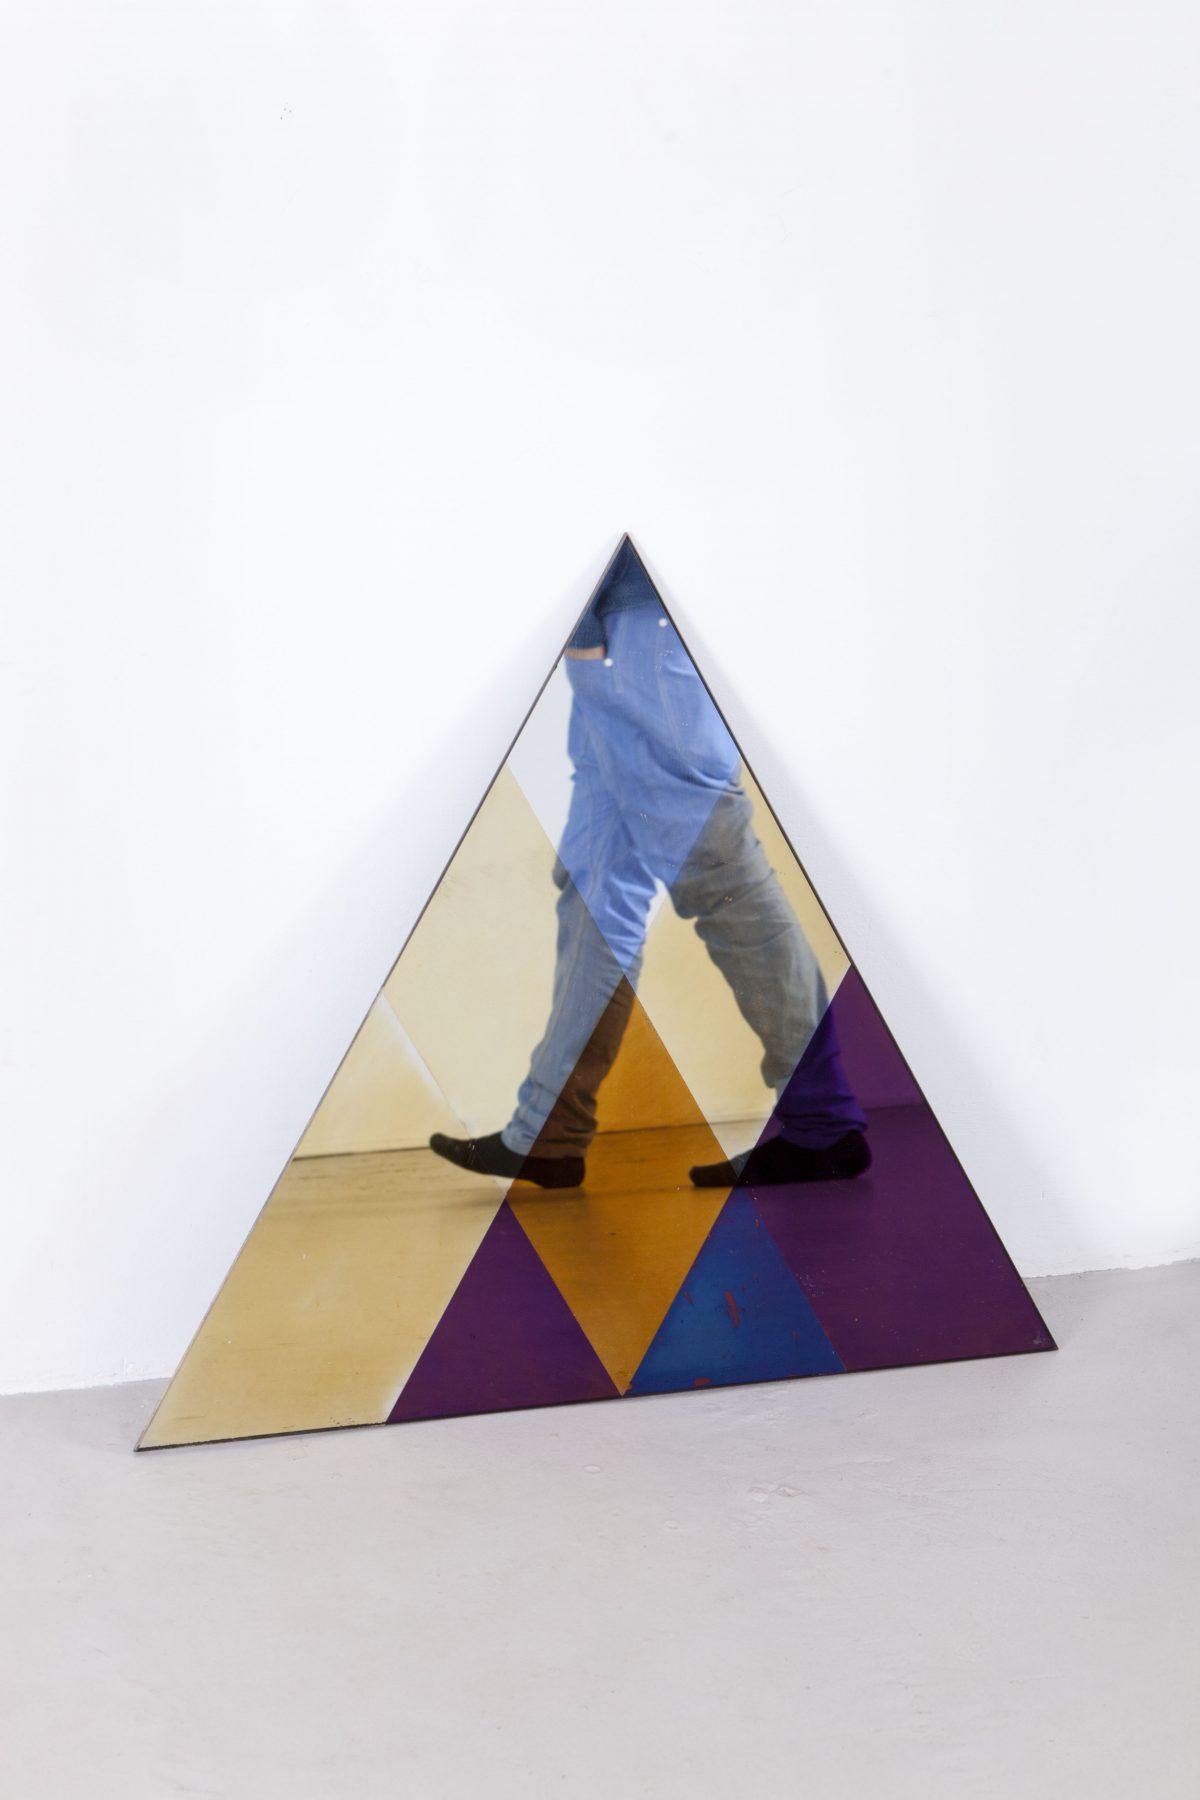 Lex Pott & David Derksen spiegel Transnatural Triangle S, spiegel driehoek vergankelijkheid